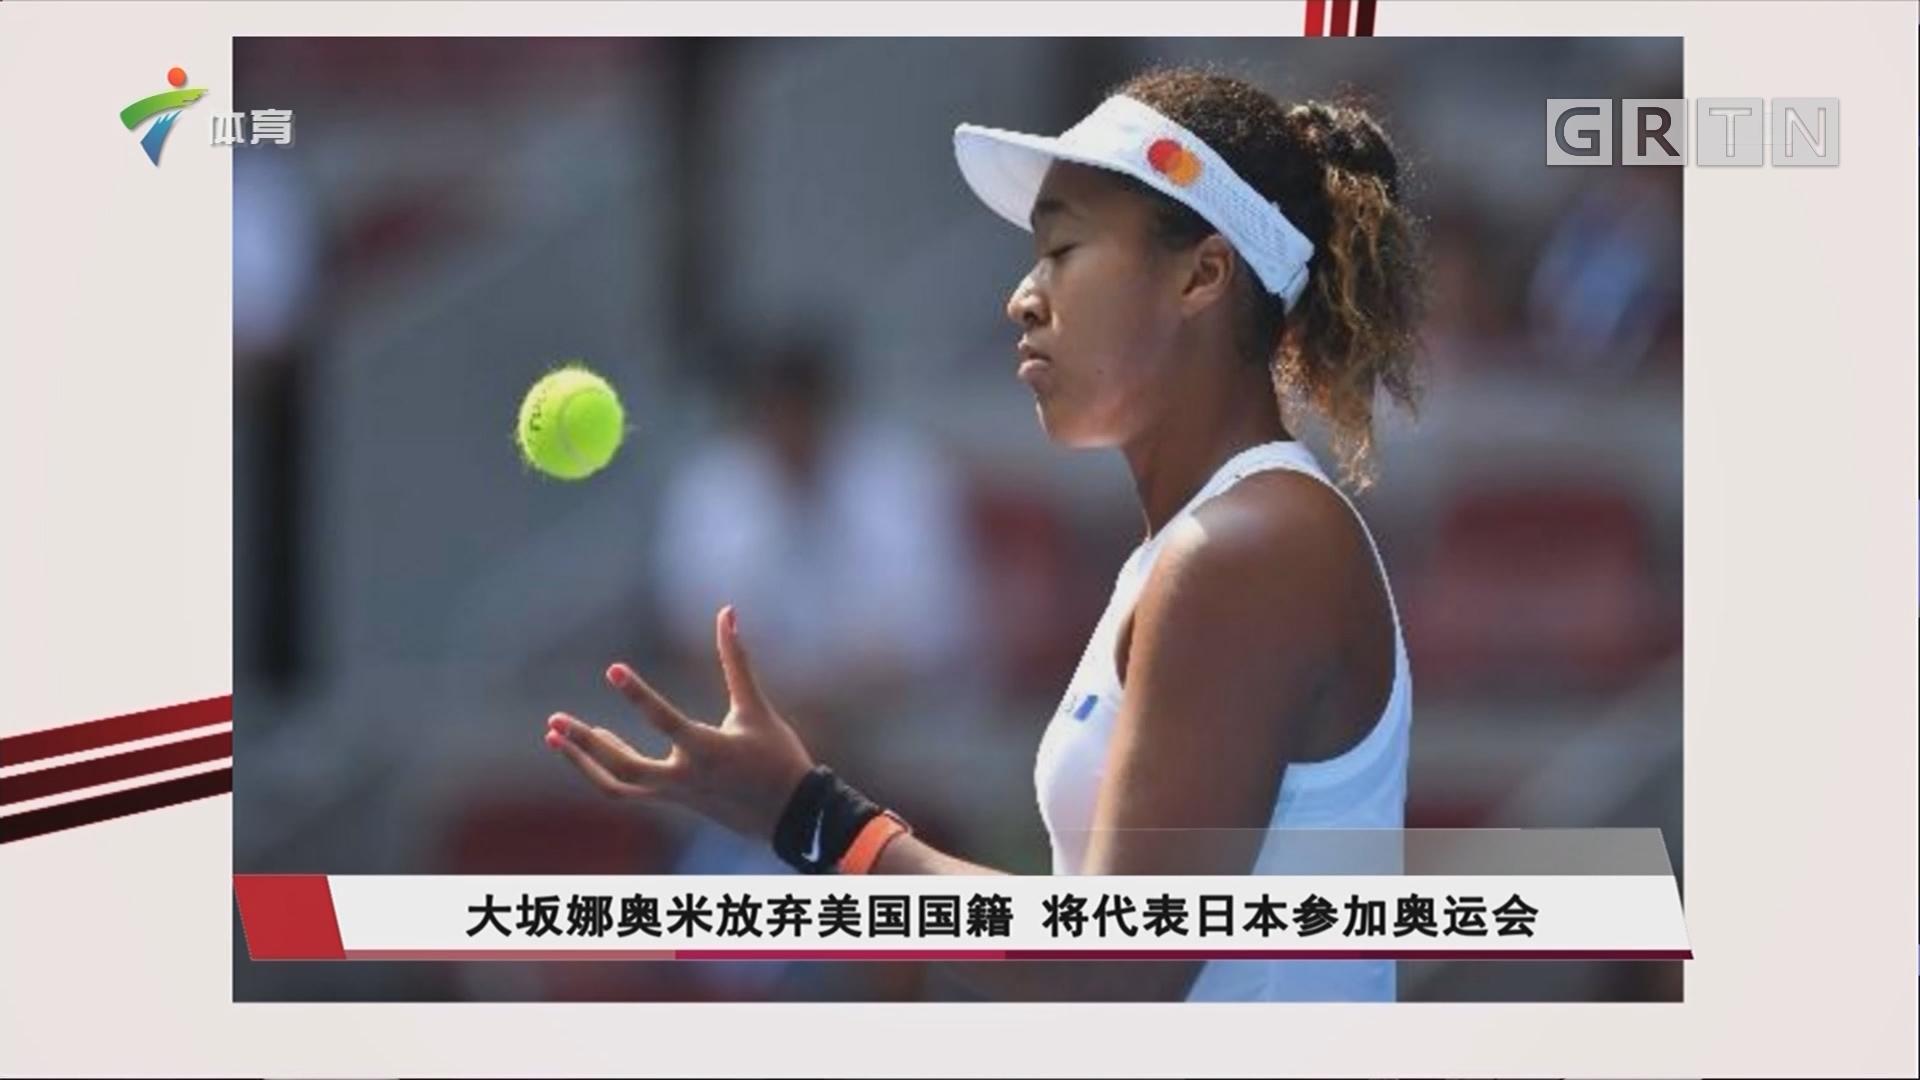 大坂娜奧米放棄美國國籍 將代表日本參加奧運會